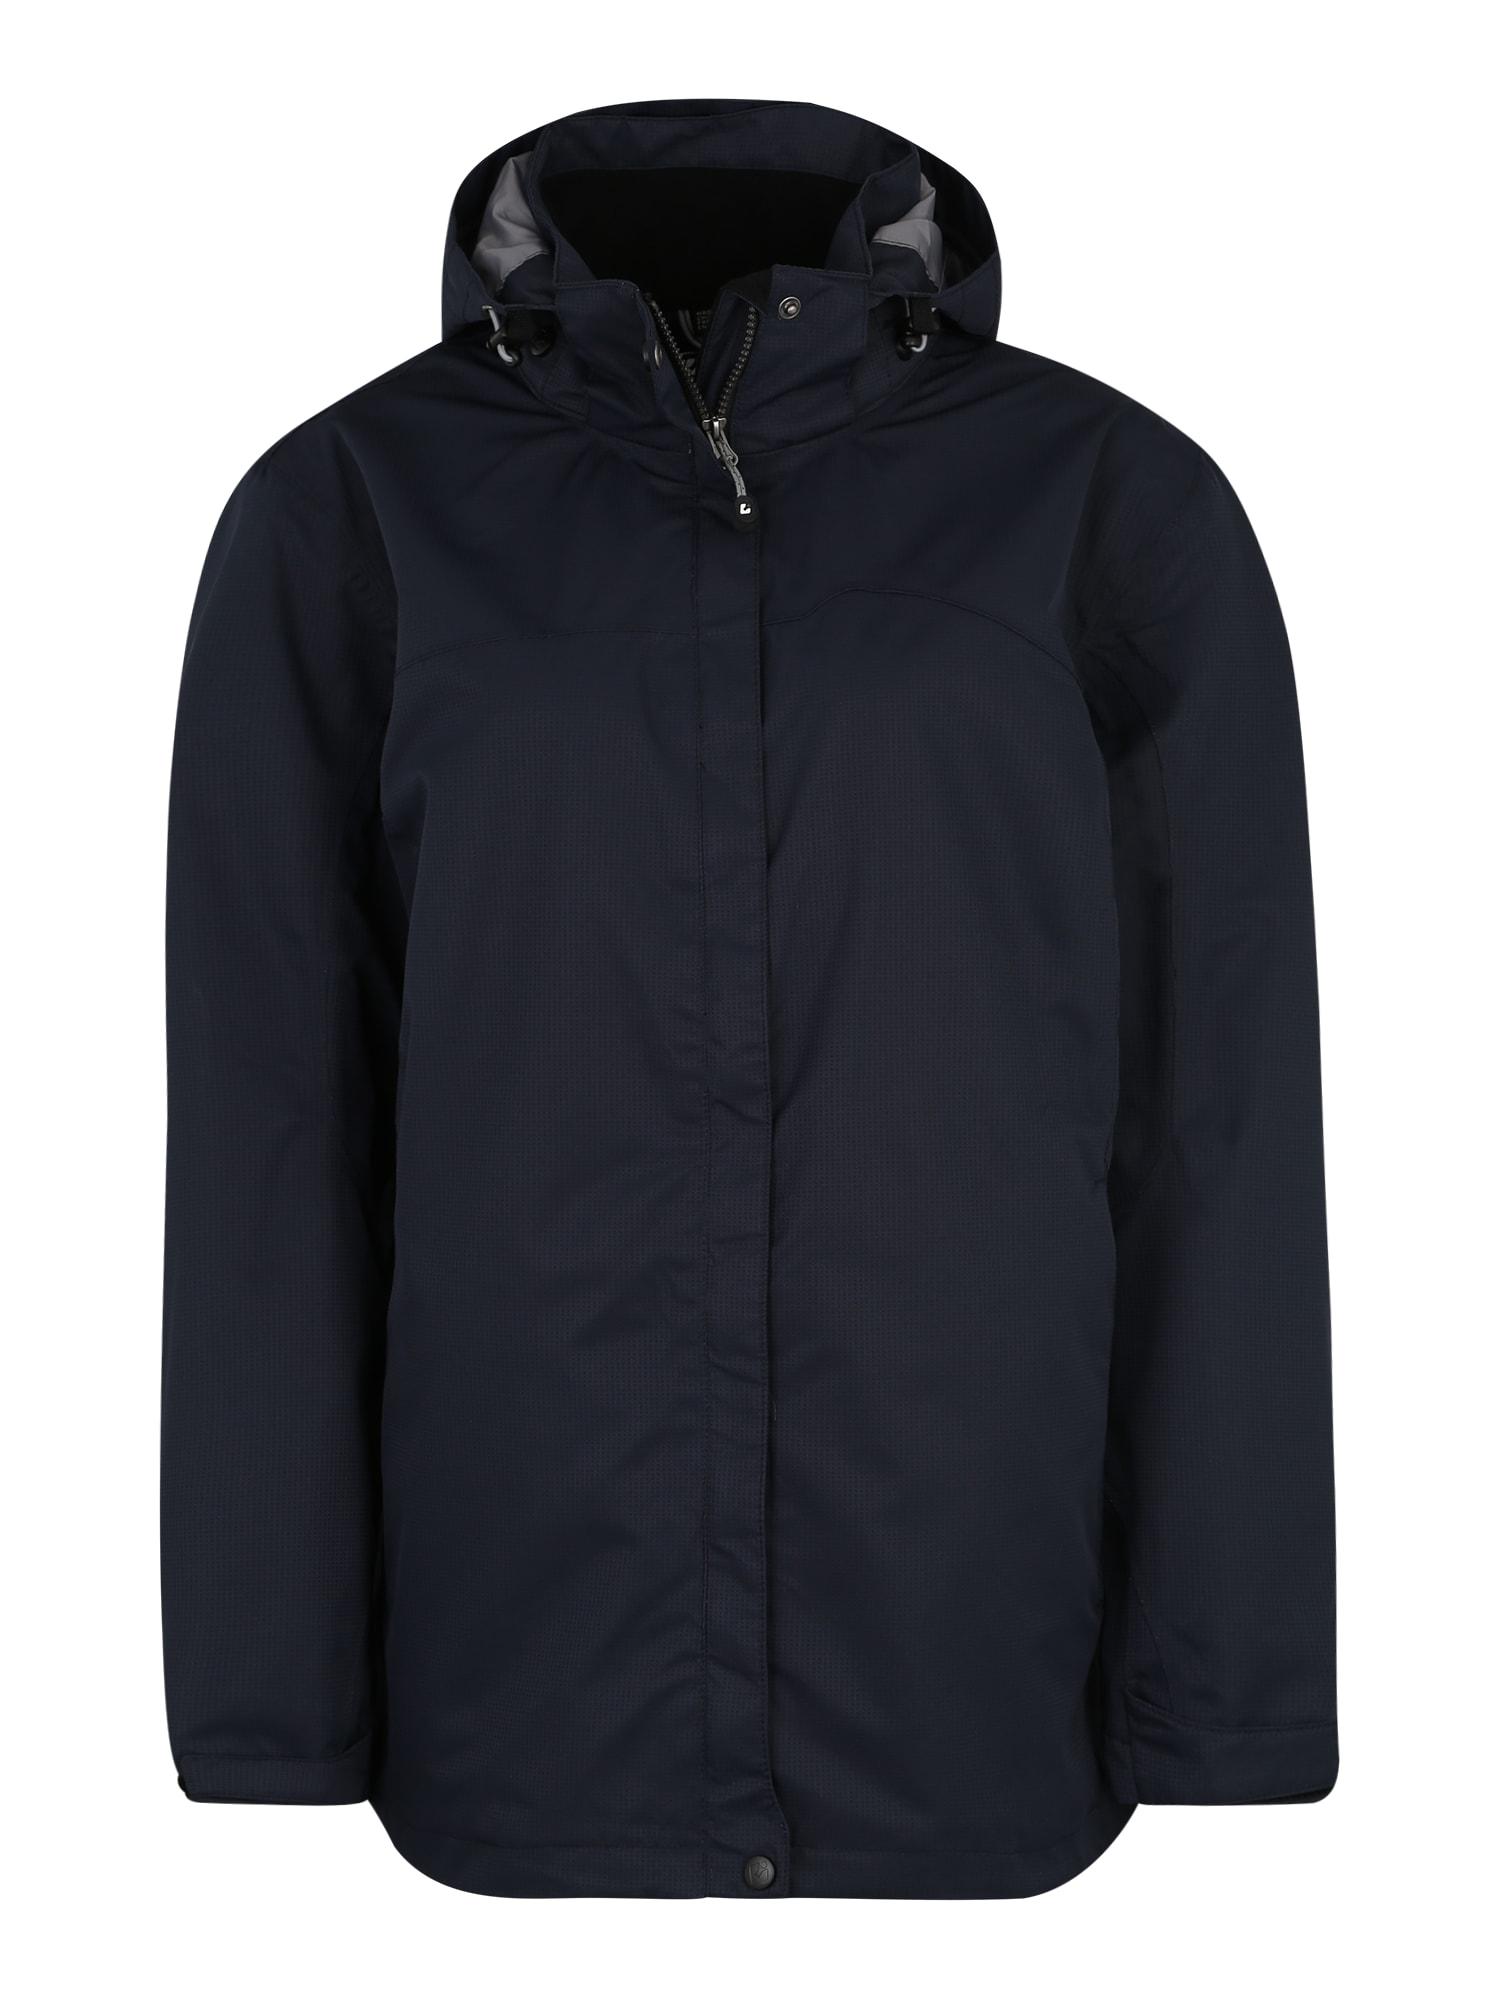 Outdoorová bunda Inkele námořnická modř KILLTEC